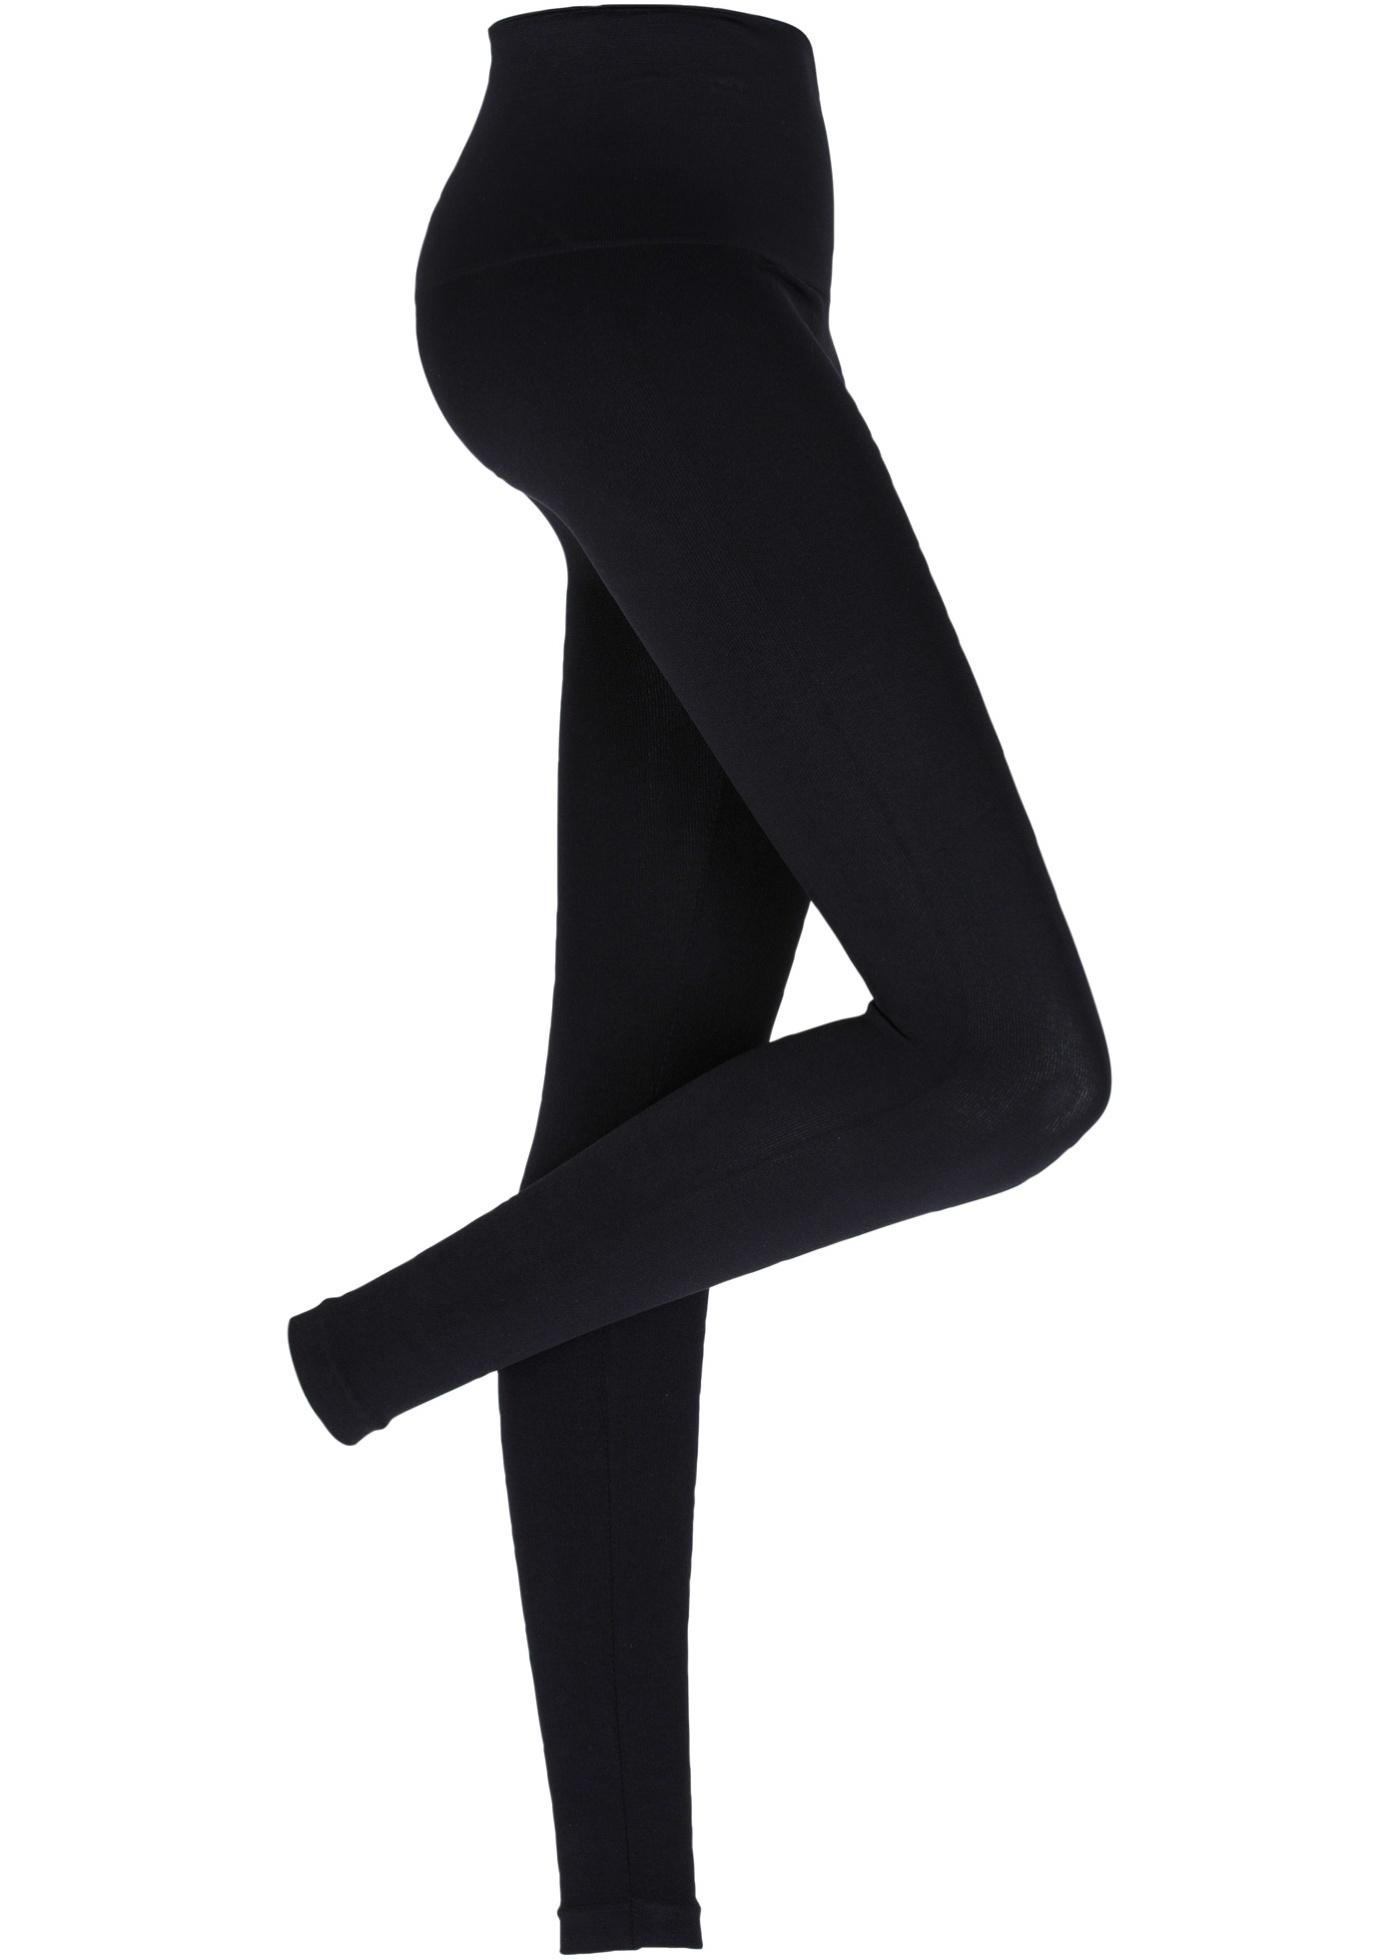 Sömlösa leggings, bpc bonprix collection, svart